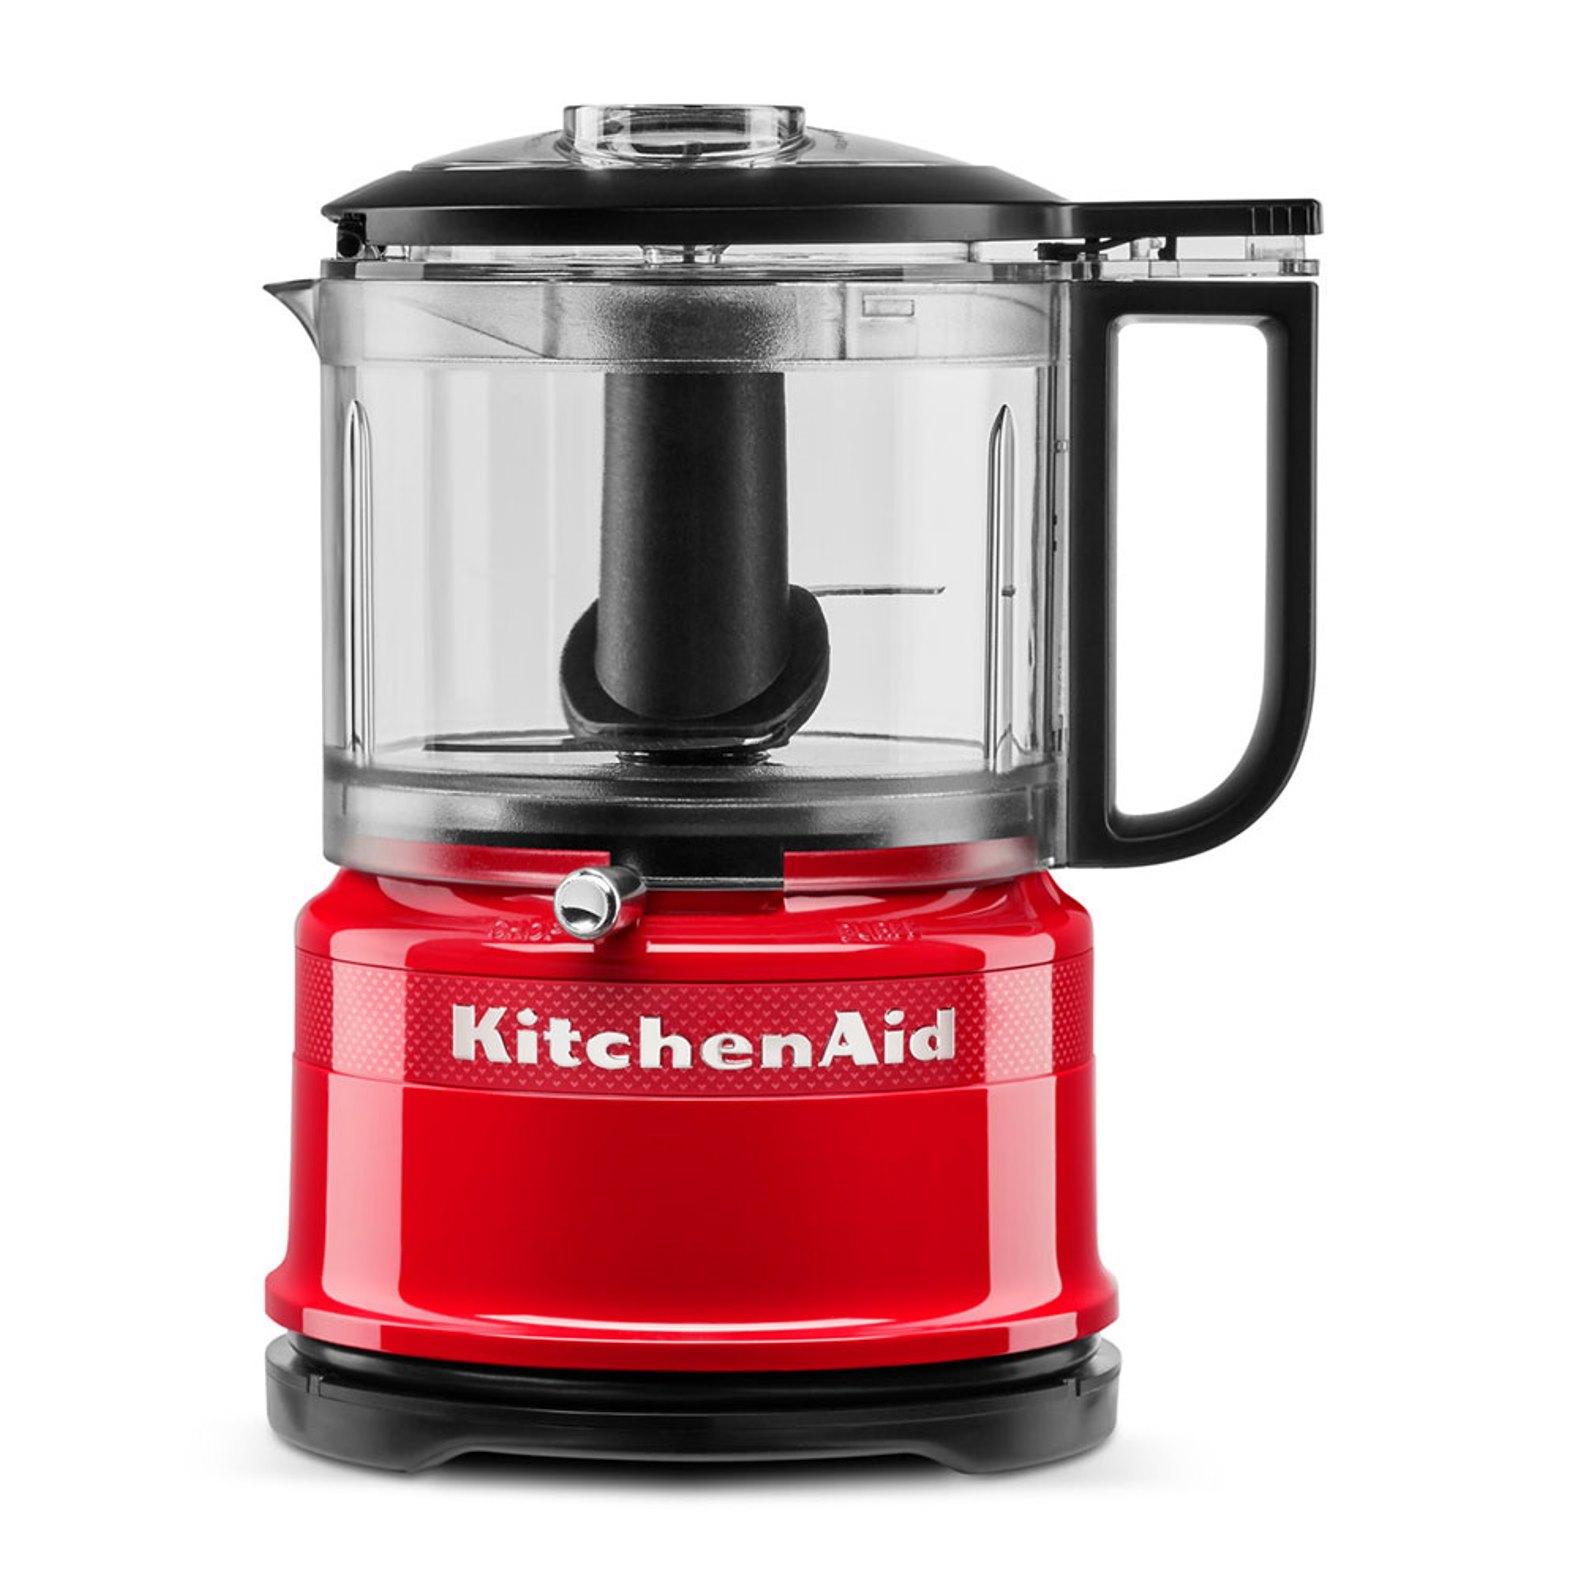 Онлайн каталог PROMENU: Измельчитель KitchenAid Queen of Hearts, объем 0,83 л, 22,2x17,8x14,3 см, чувственный красный                               5KFC3516HESD